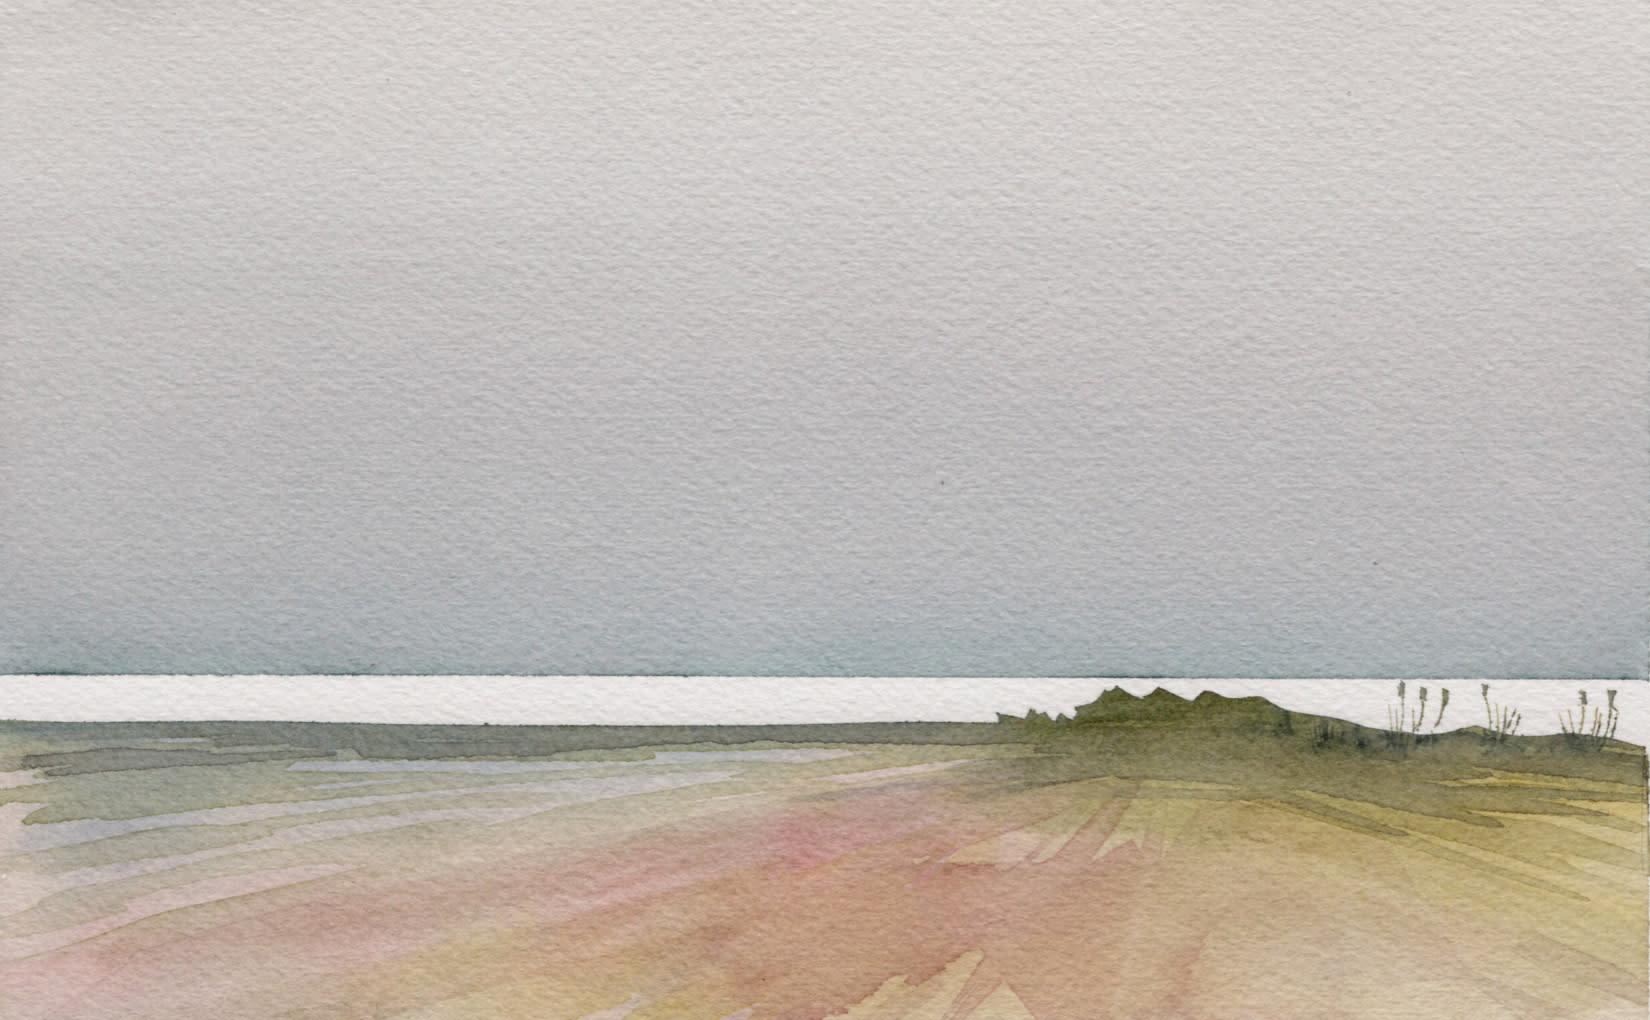 Grey day amyrgw